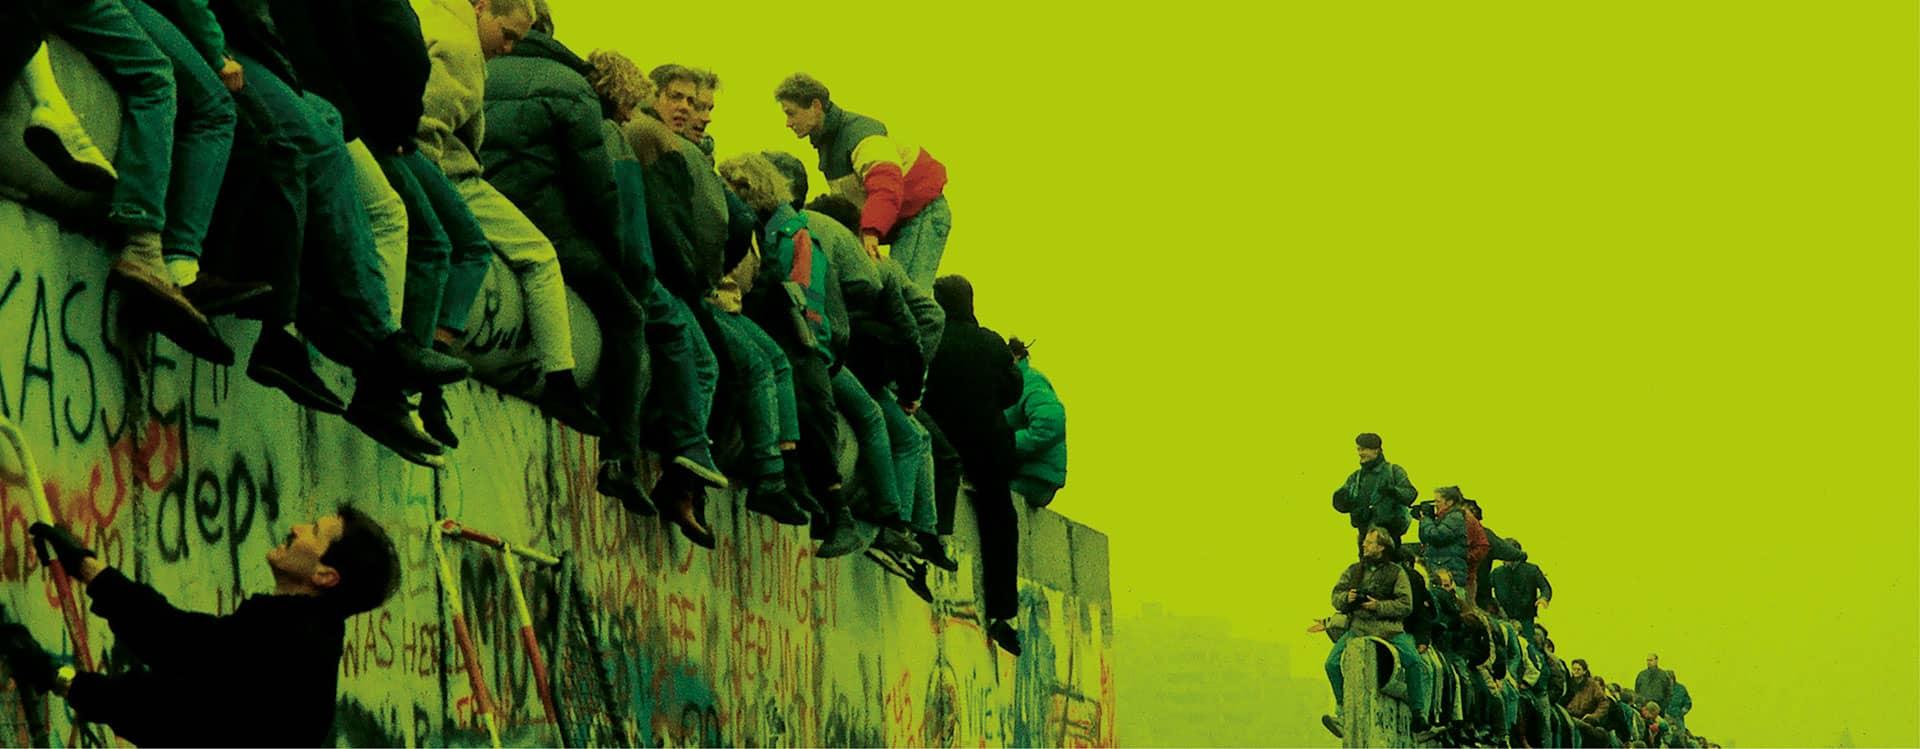 DIVIDERE IL CIELO - Voci e immagini dal muro di Berlino